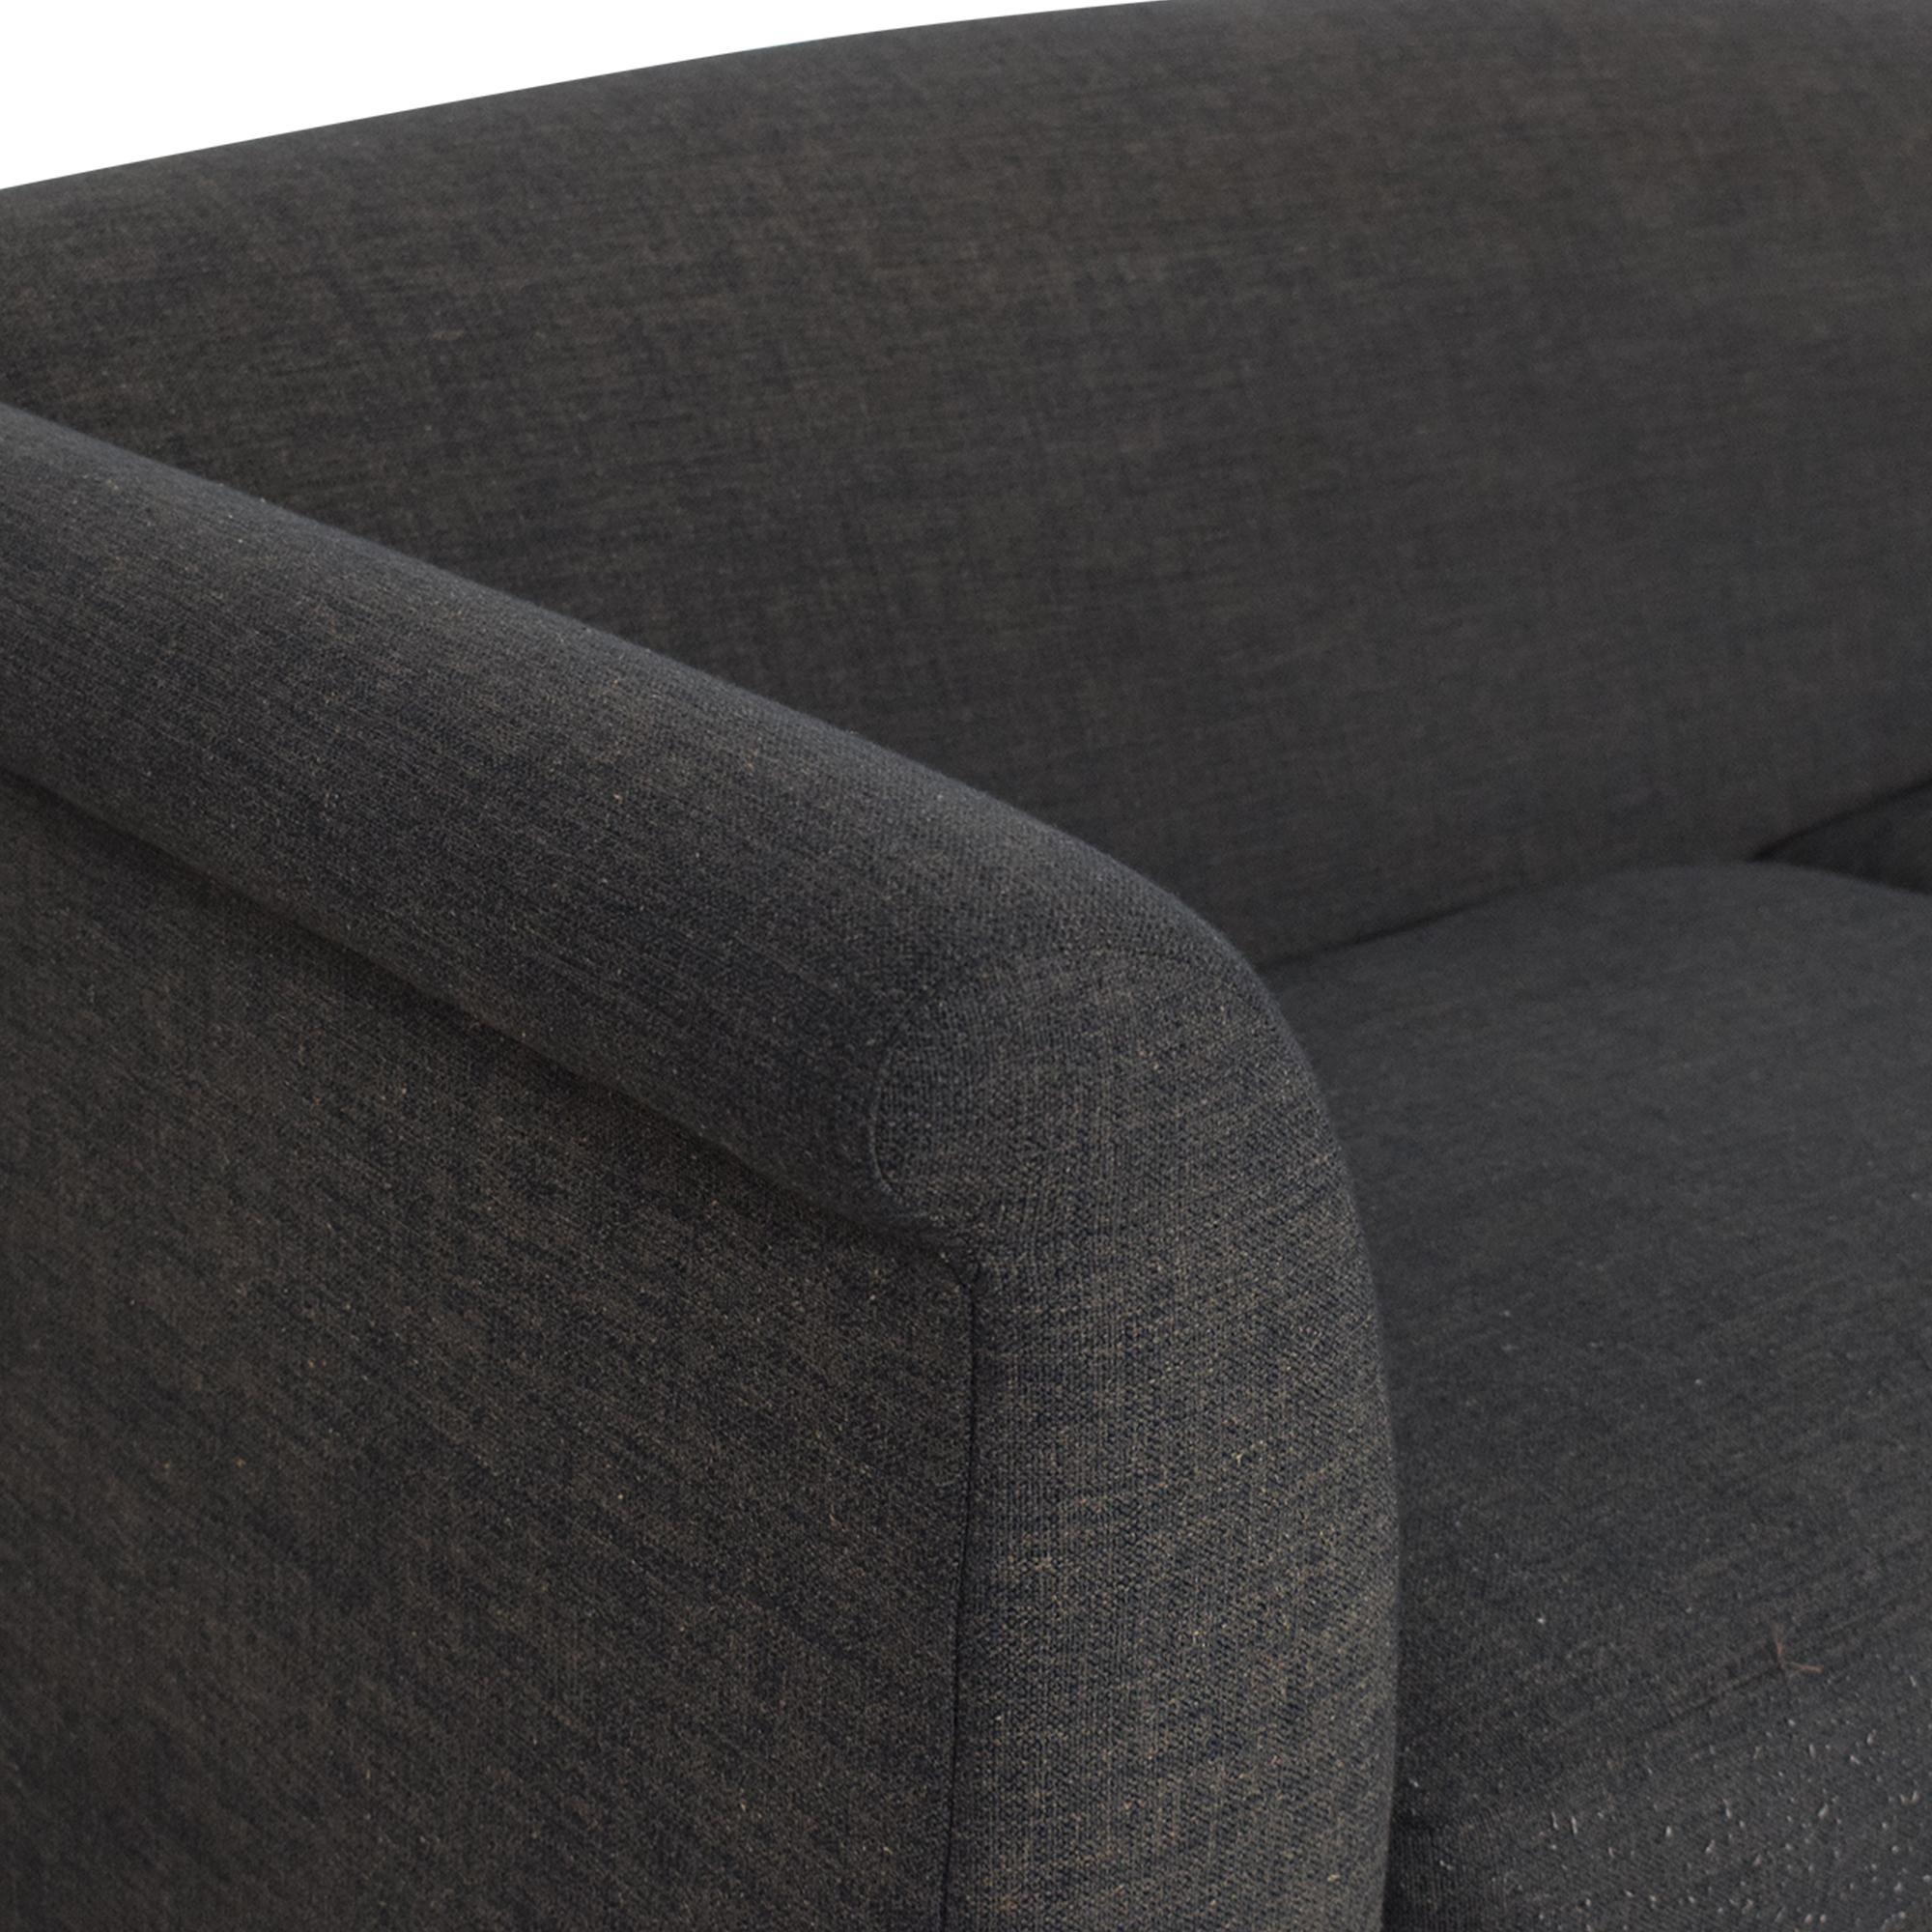 Crate & Barrel Crate & Barrel Two Cushion Sofa